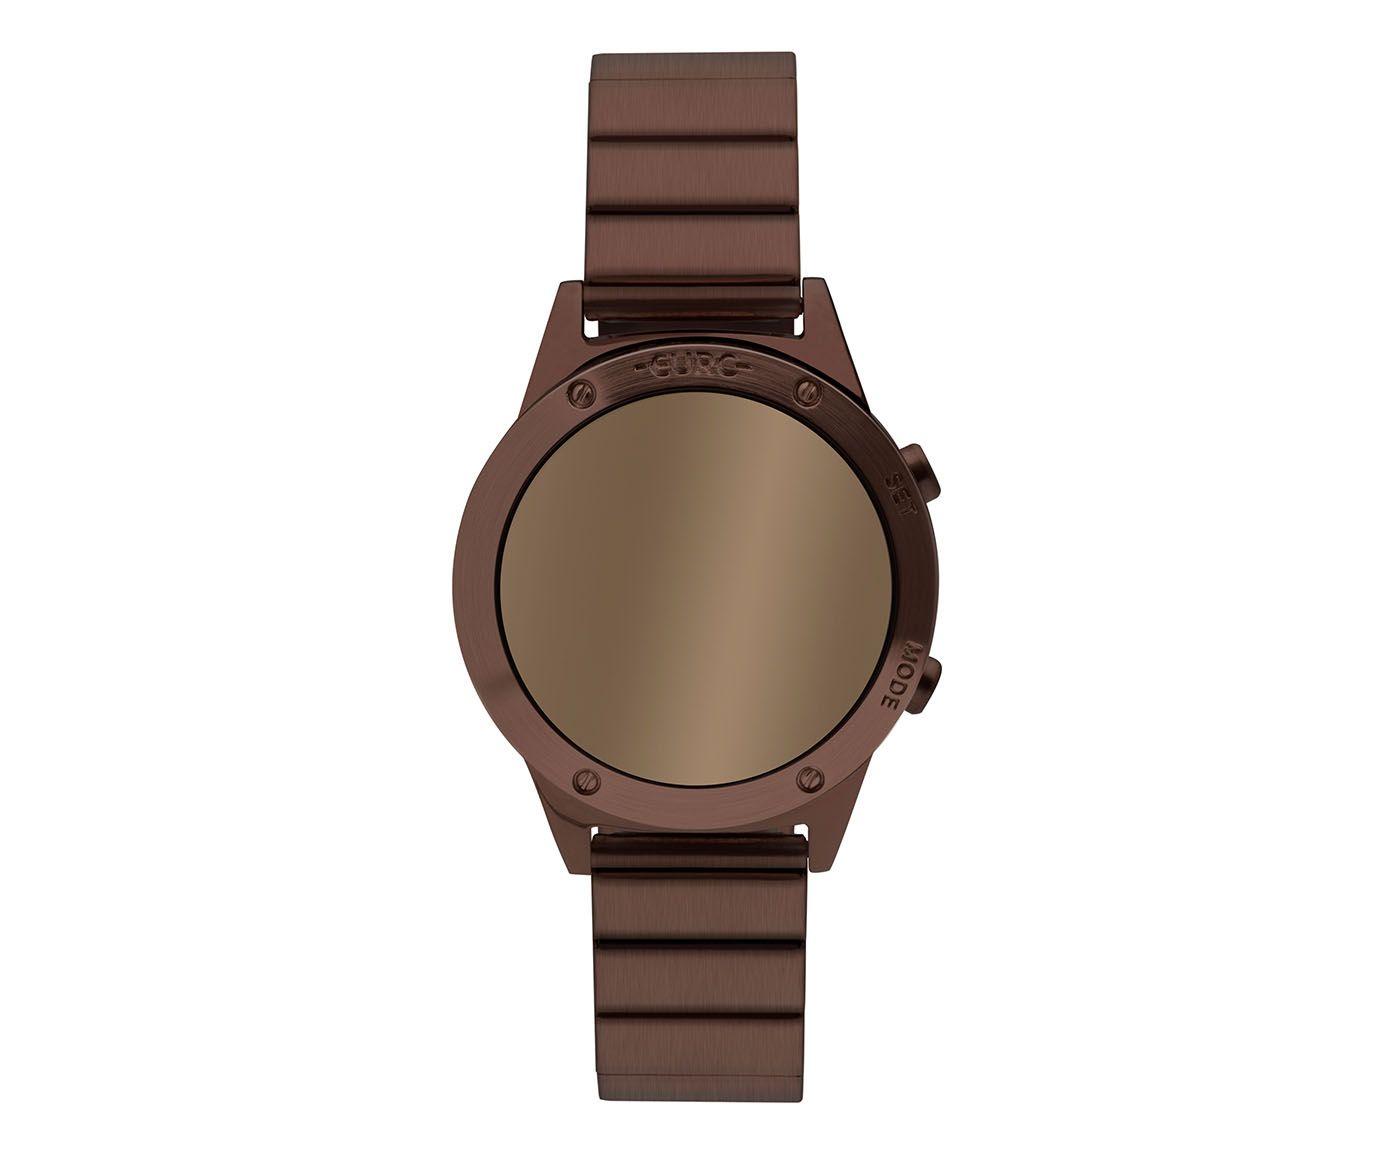 Relógio Digital Fashion Fit Reflexos Euro Marrom | Westwing.com.br